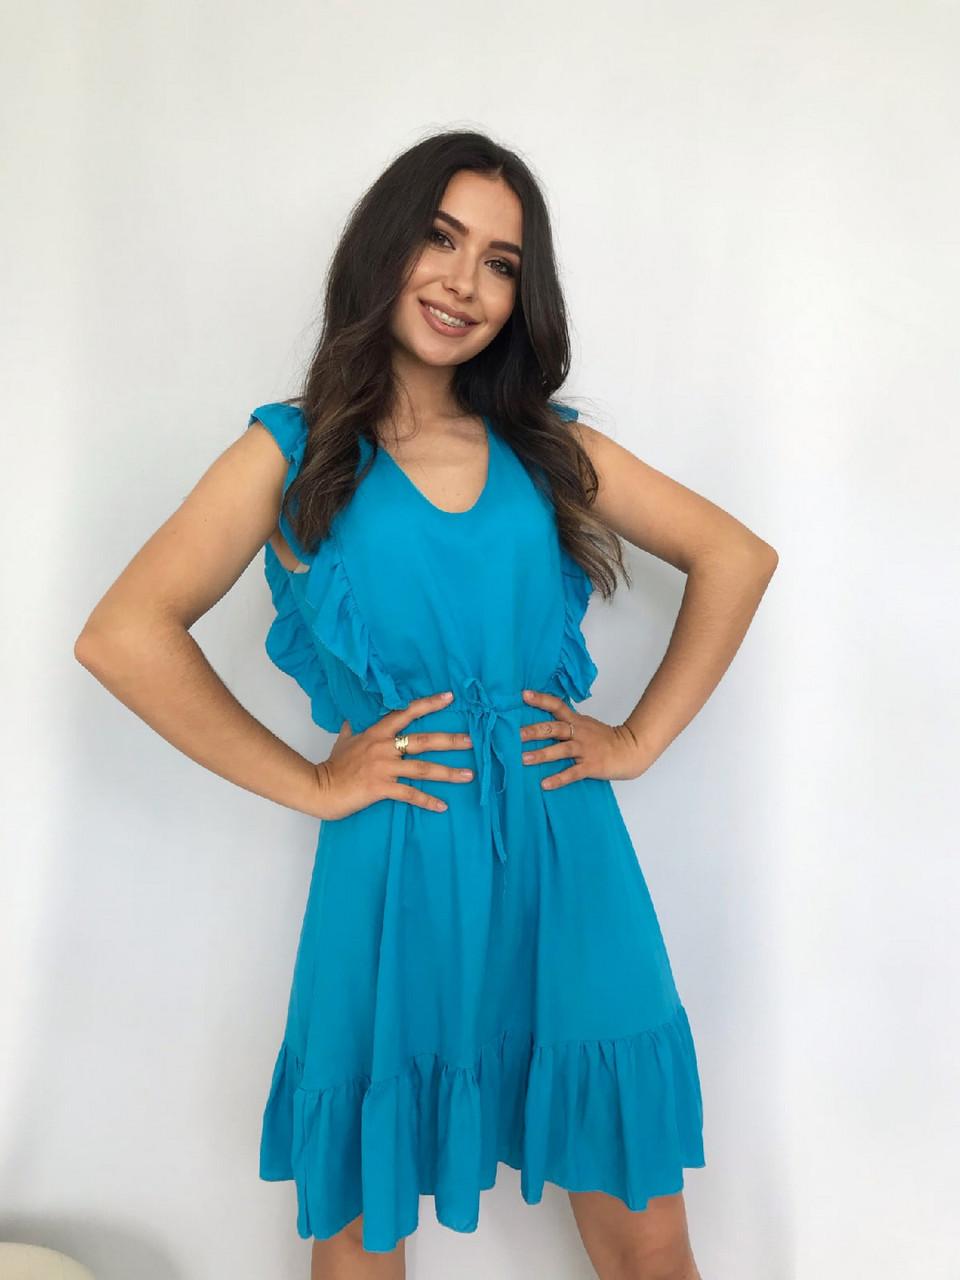 Плаття літнє жіноче без рукавів, з регульованим на талії поясом, 00932 (Блакитний), Розмір 42 (S)